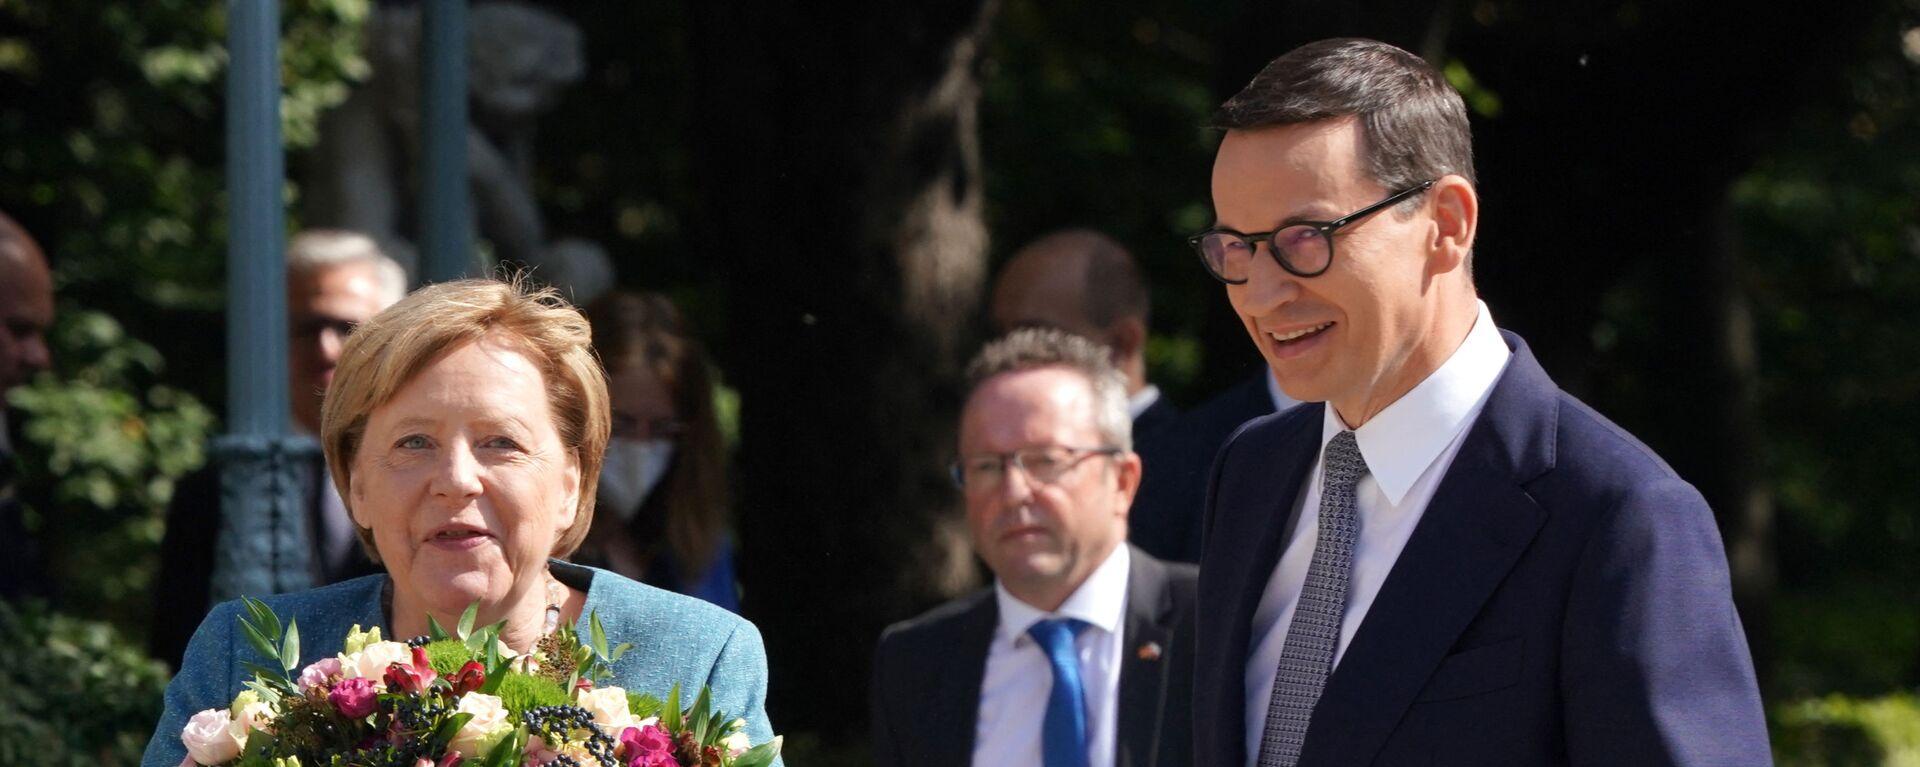 Spotkanie Angeli Merkel i Mateusza Morawieckiego - Sputnik Polska, 1920, 17.09.2021